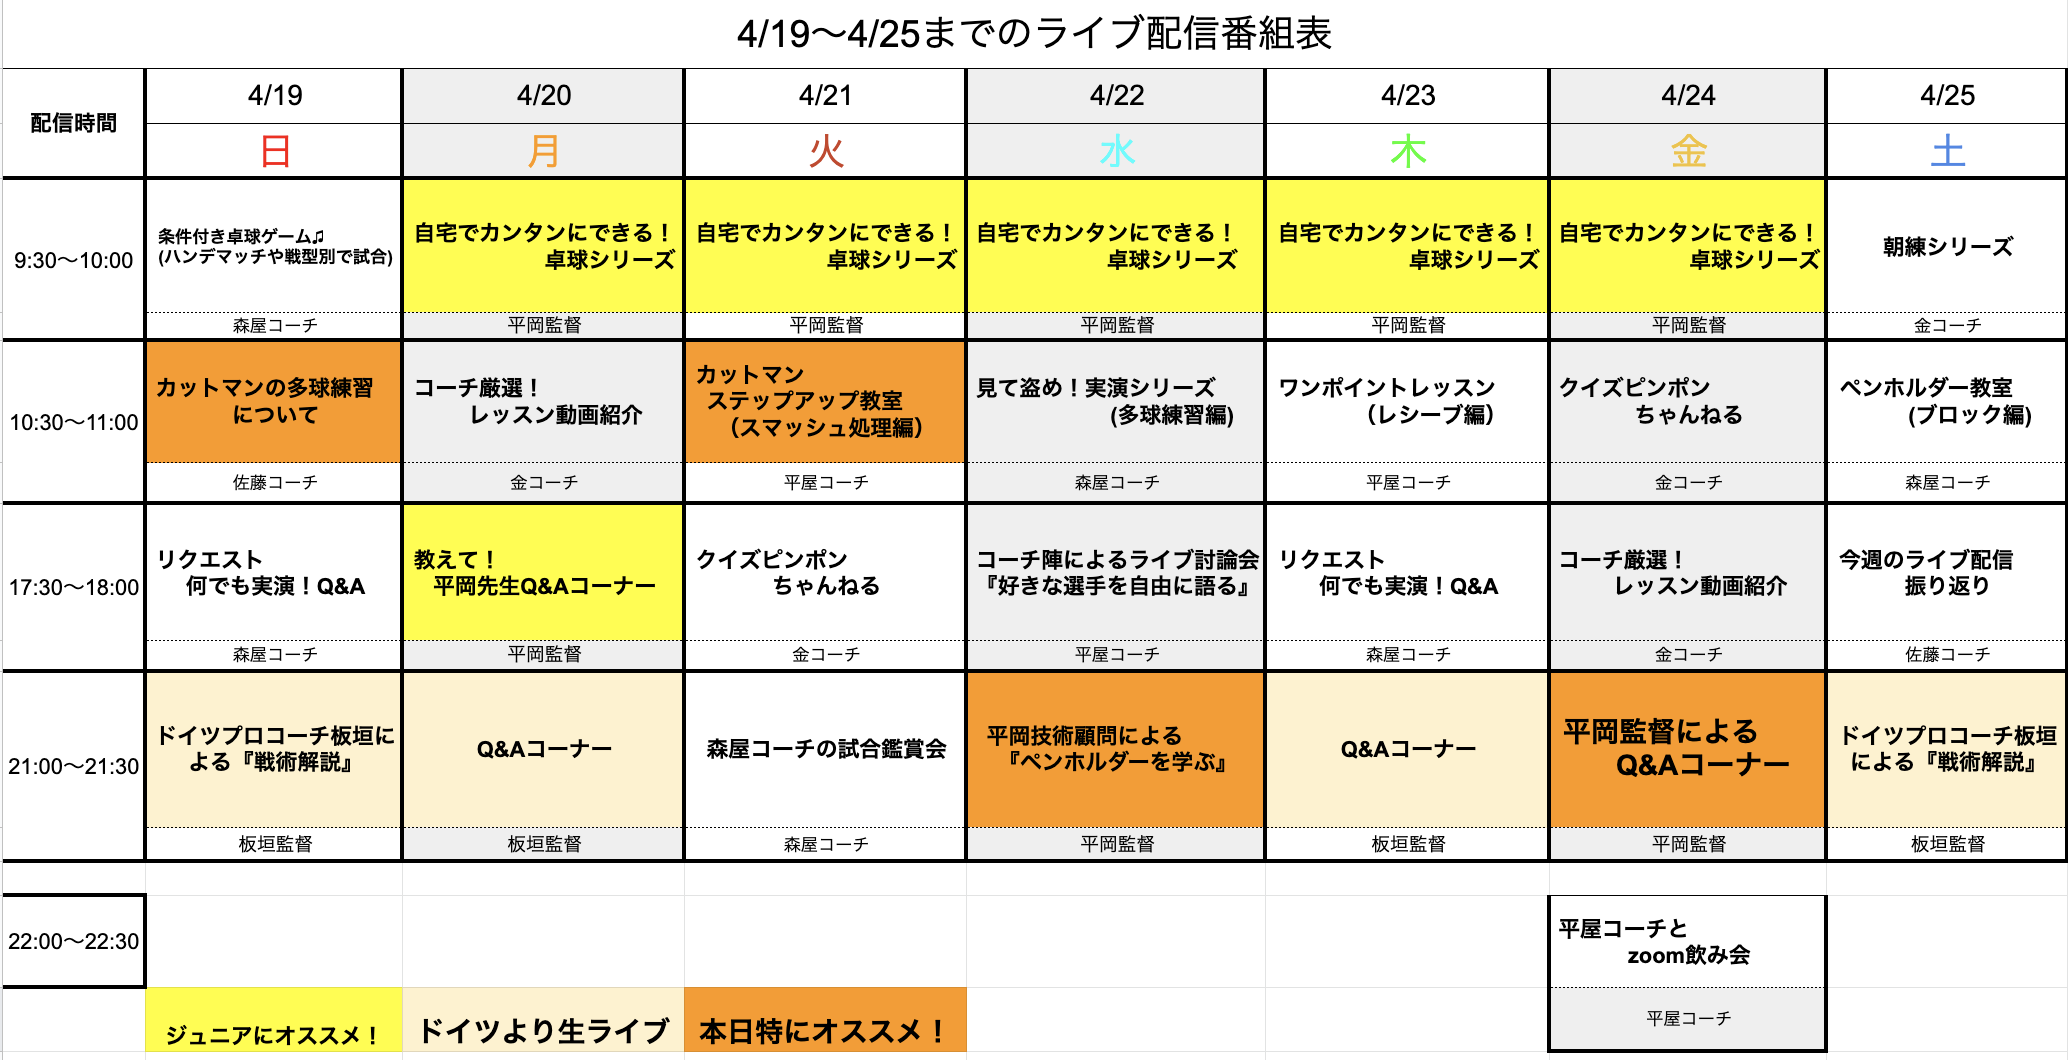 【ライブ番組表まとめ】4/19〜4/25のライブ番組表公開しました!